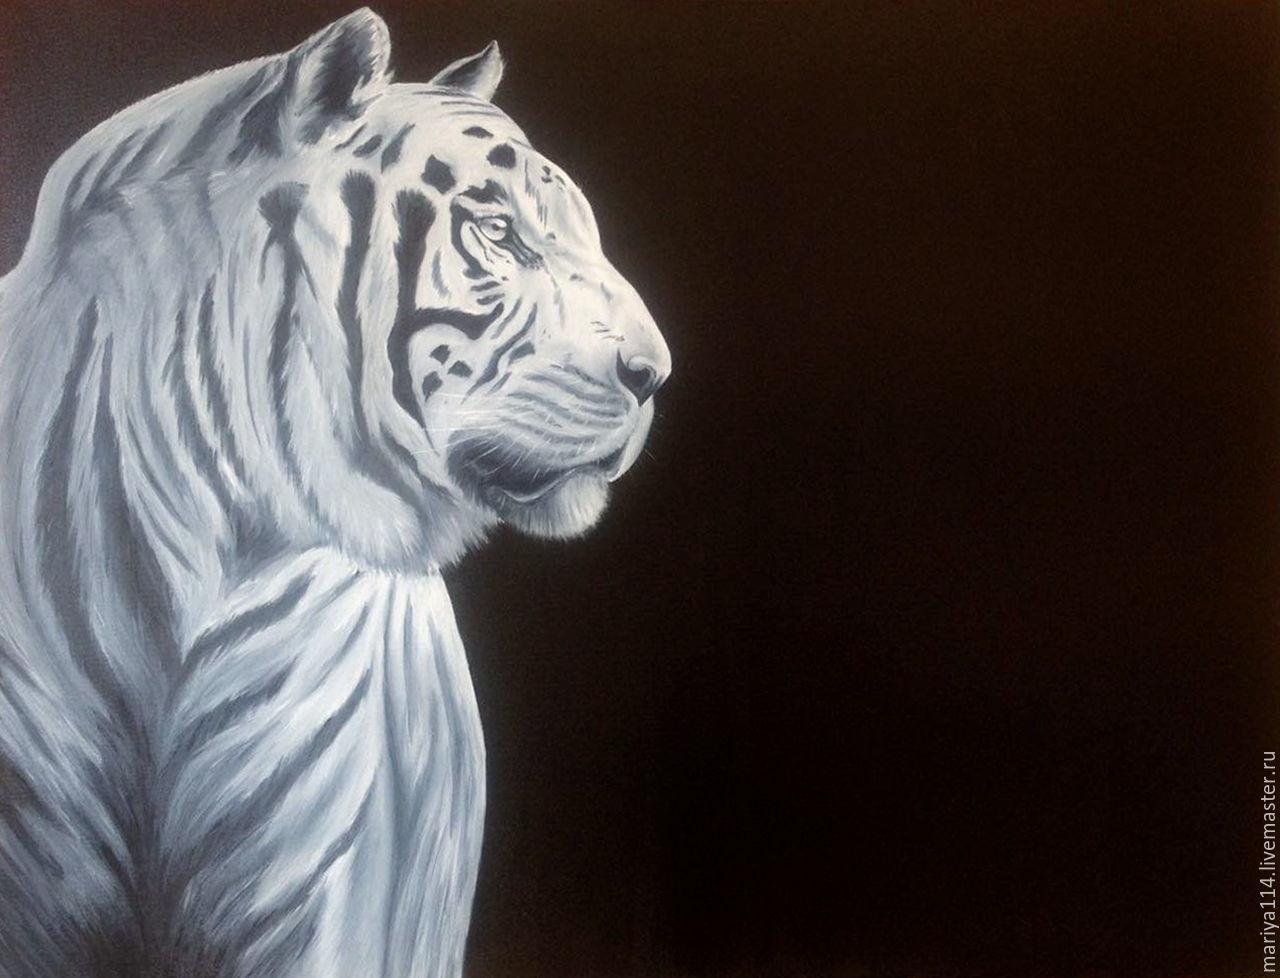 Животные ручной работы. Ярмарка Мастеров - ручная работа. Купить Интерьерная картина ТИГР-холст,масло. Handmade. Тигр